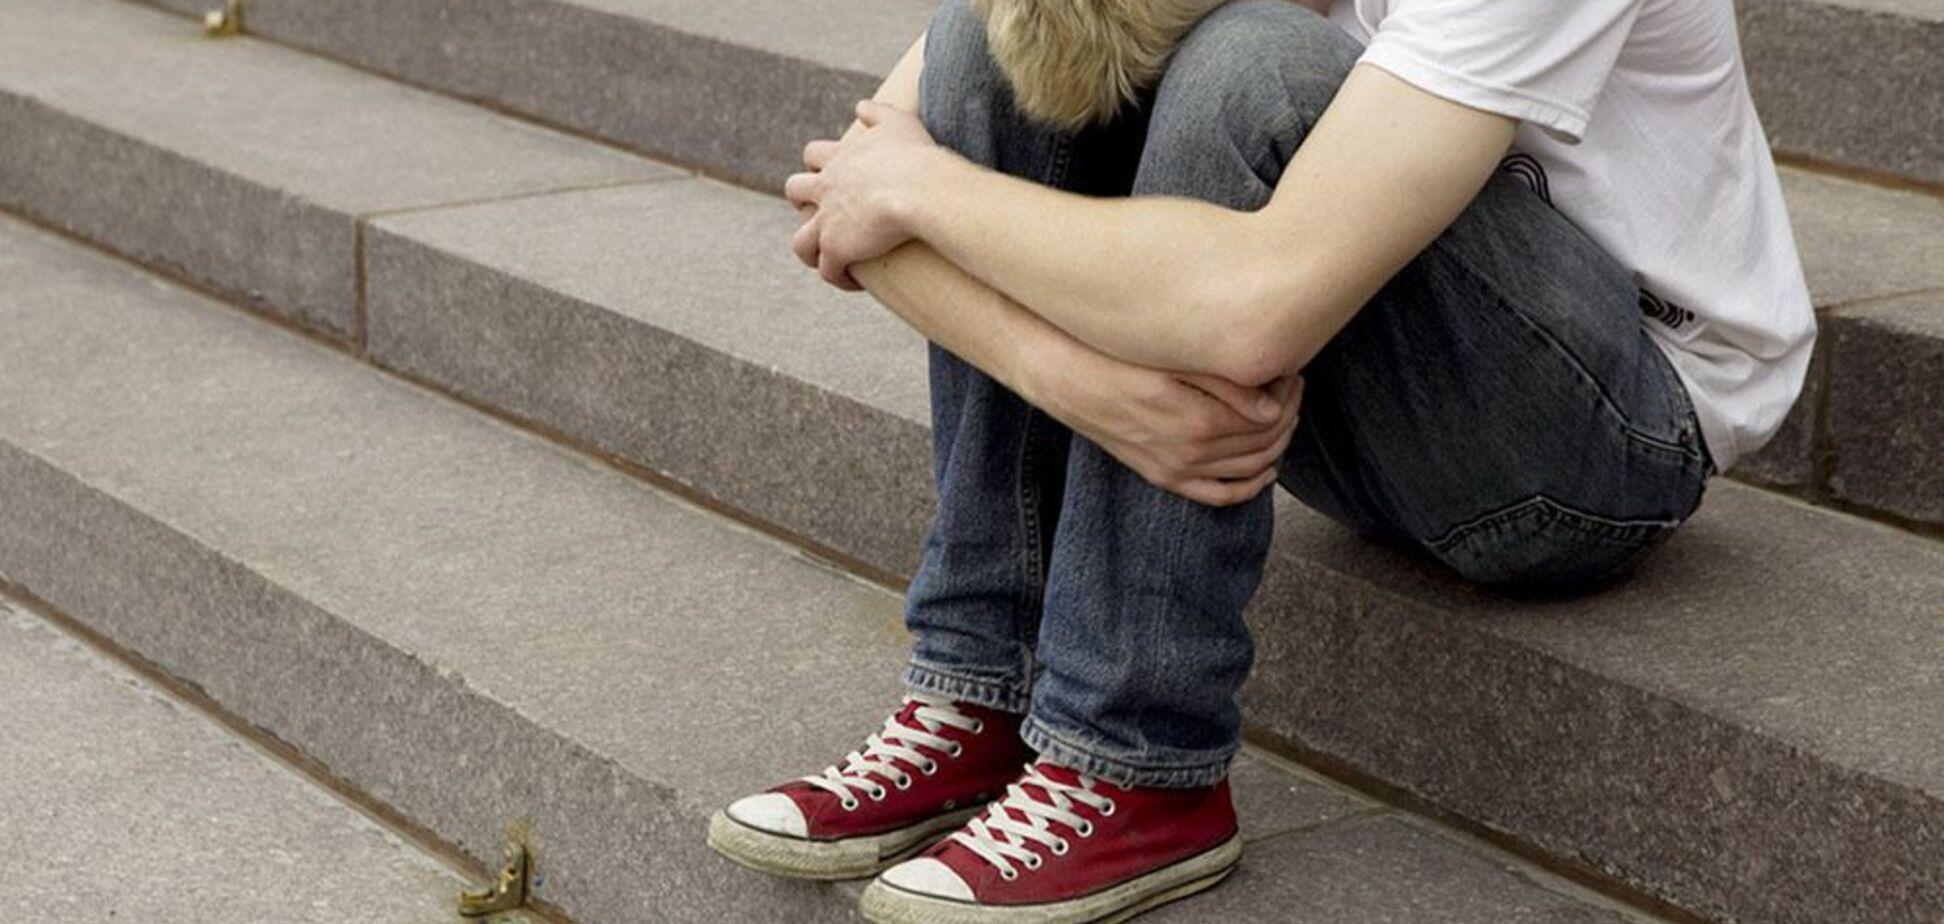 У Дніпрі розшукують зниклого підлітка. Фото